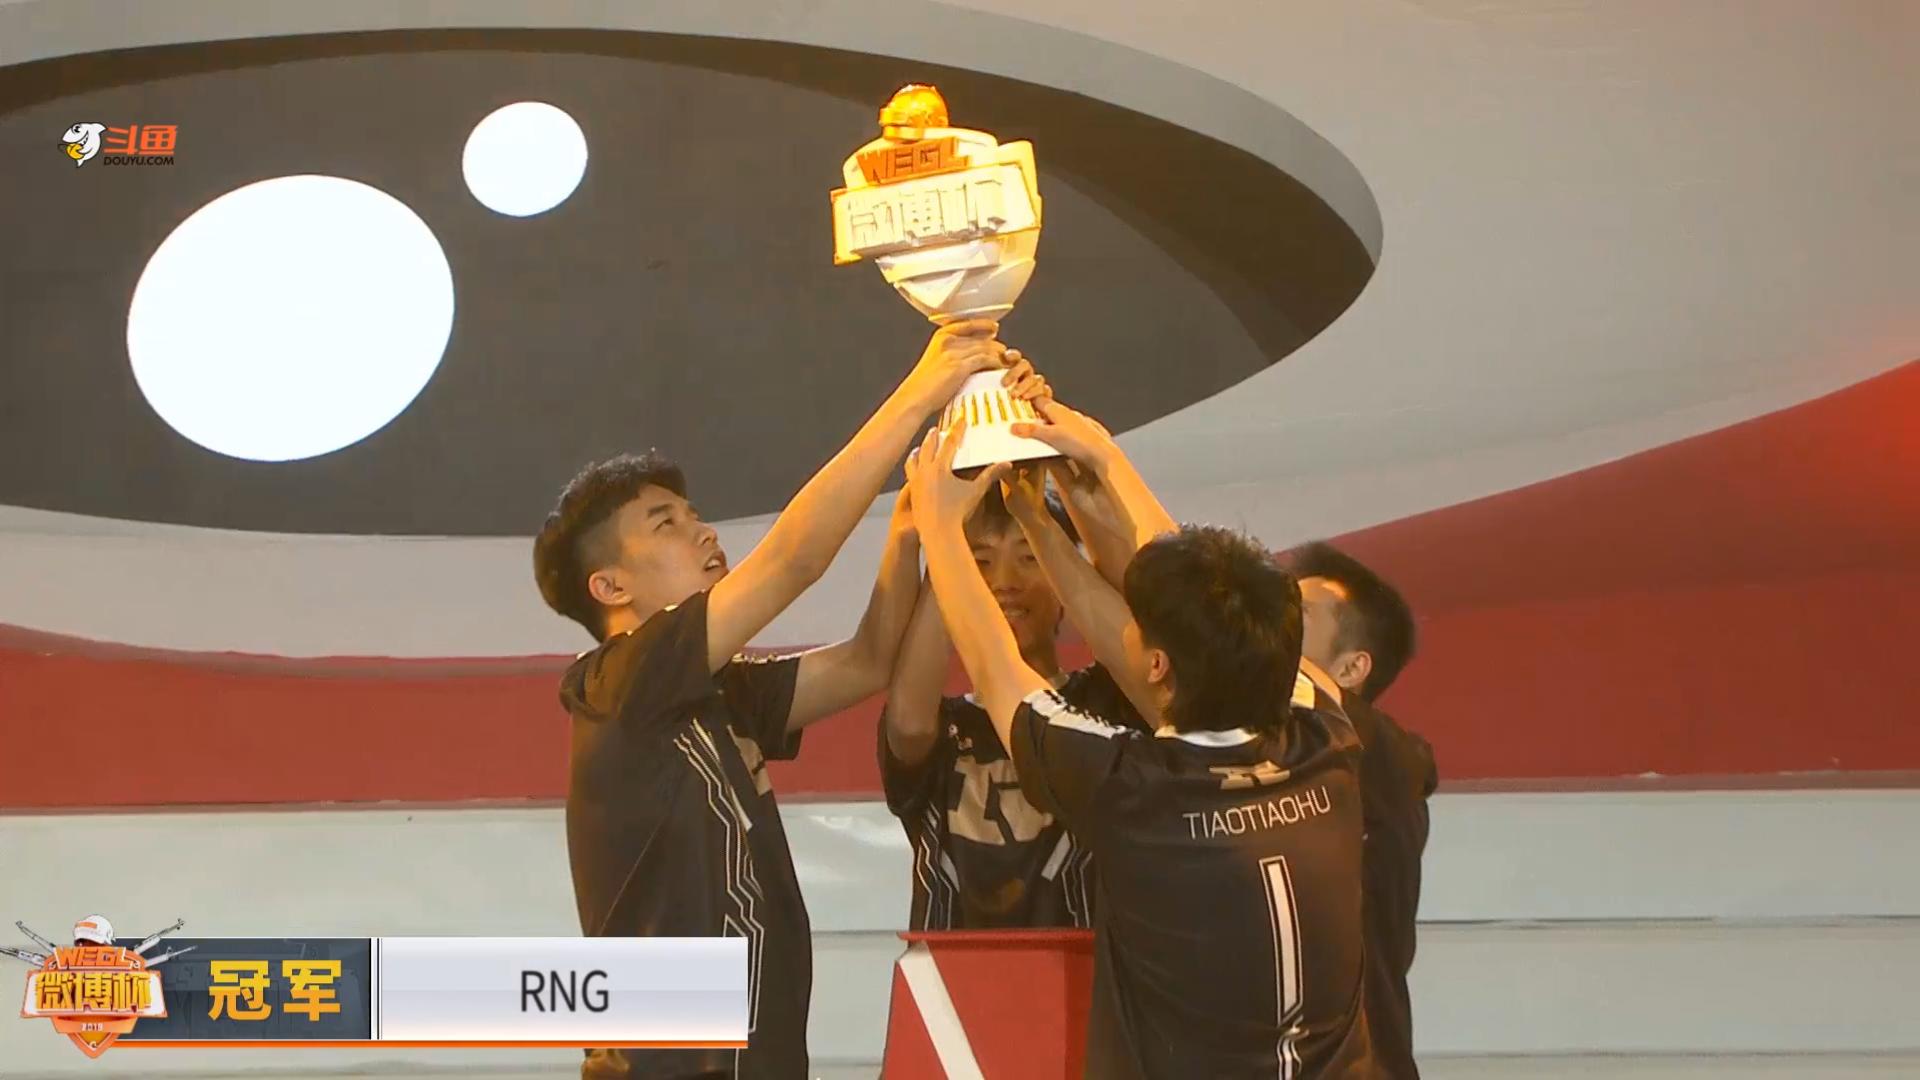 微博杯:RNG夺冠之后,一支战队却悄悄退出PUBG舞台